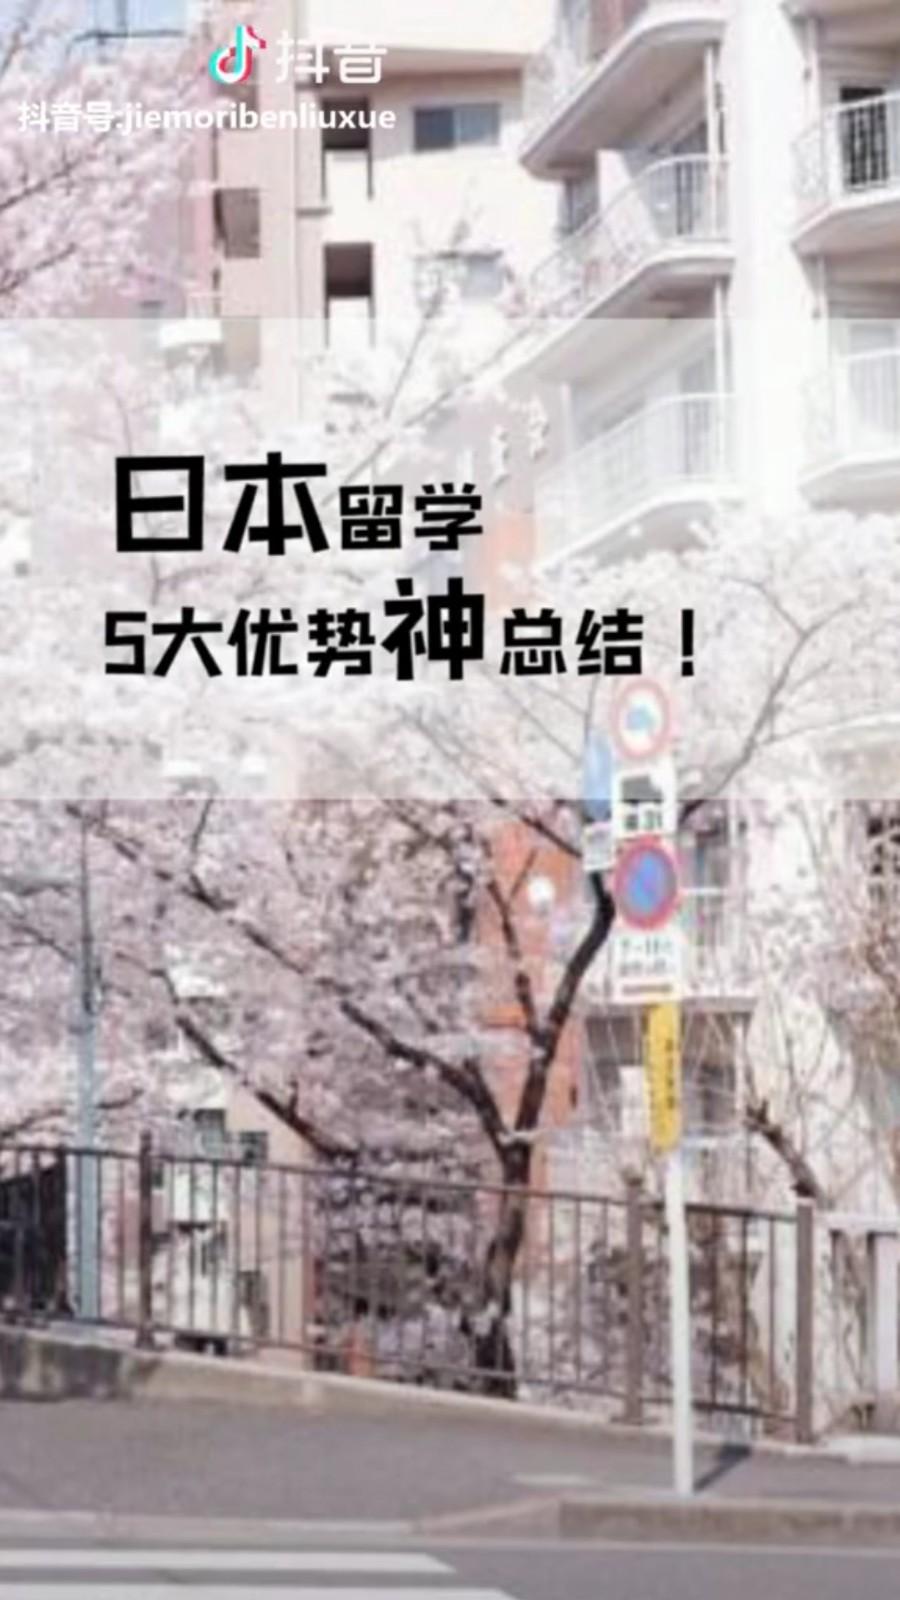 日本留学5大优势神总结!